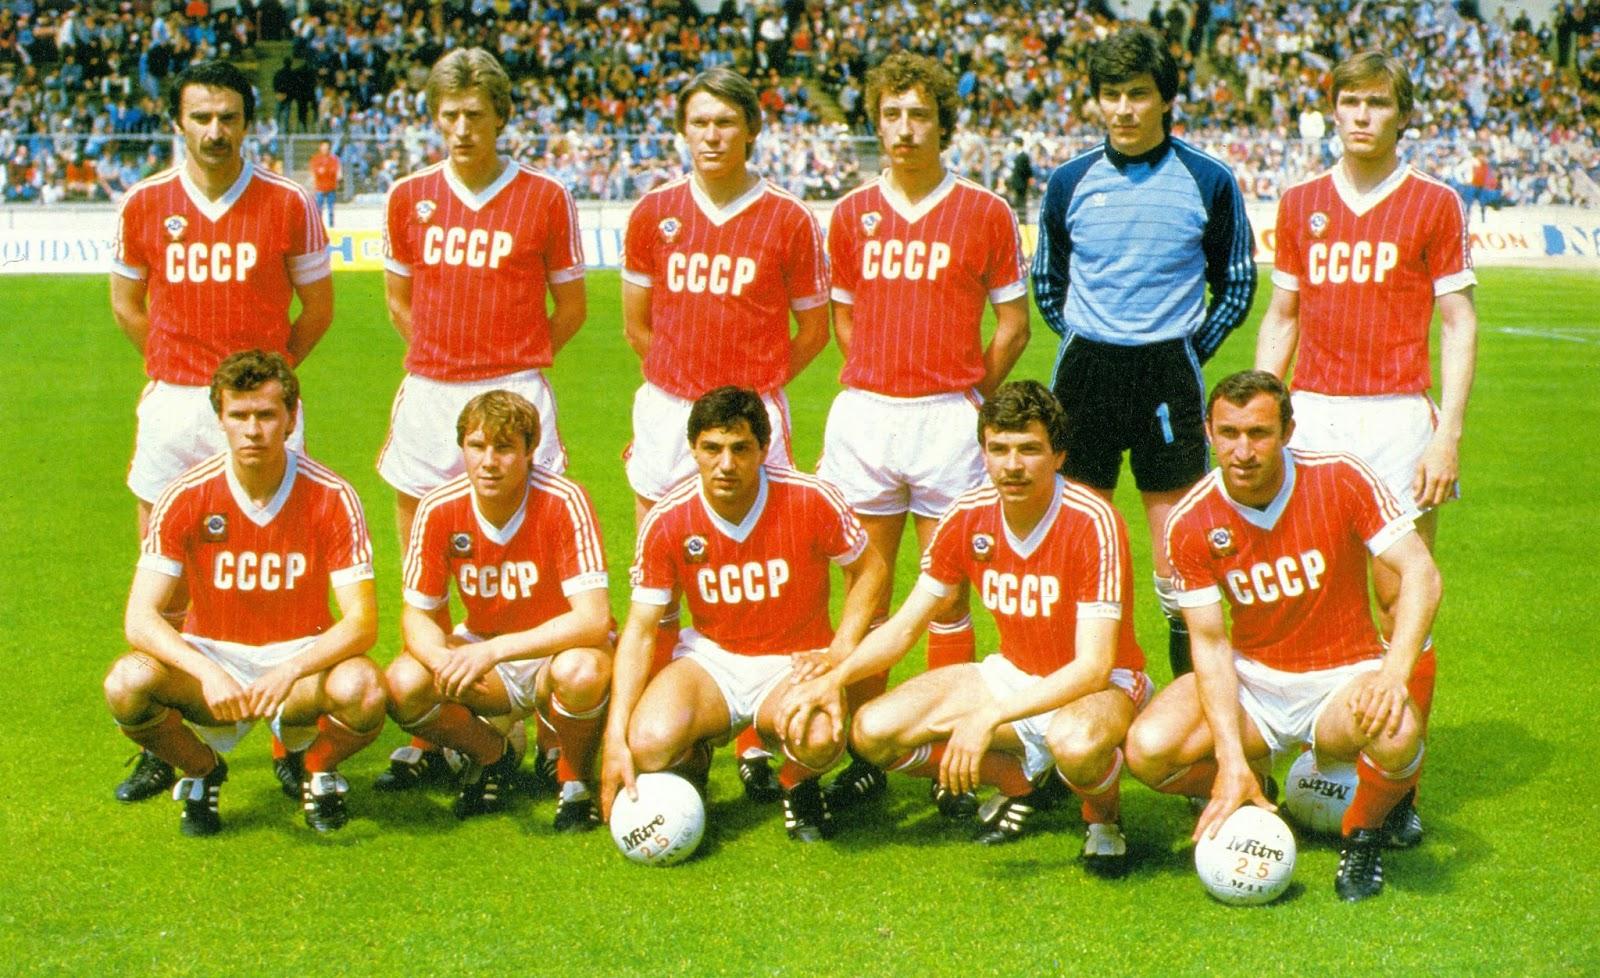 Trikots der Sowjetunion bei der Weltmeisterschaft in Spanien 82